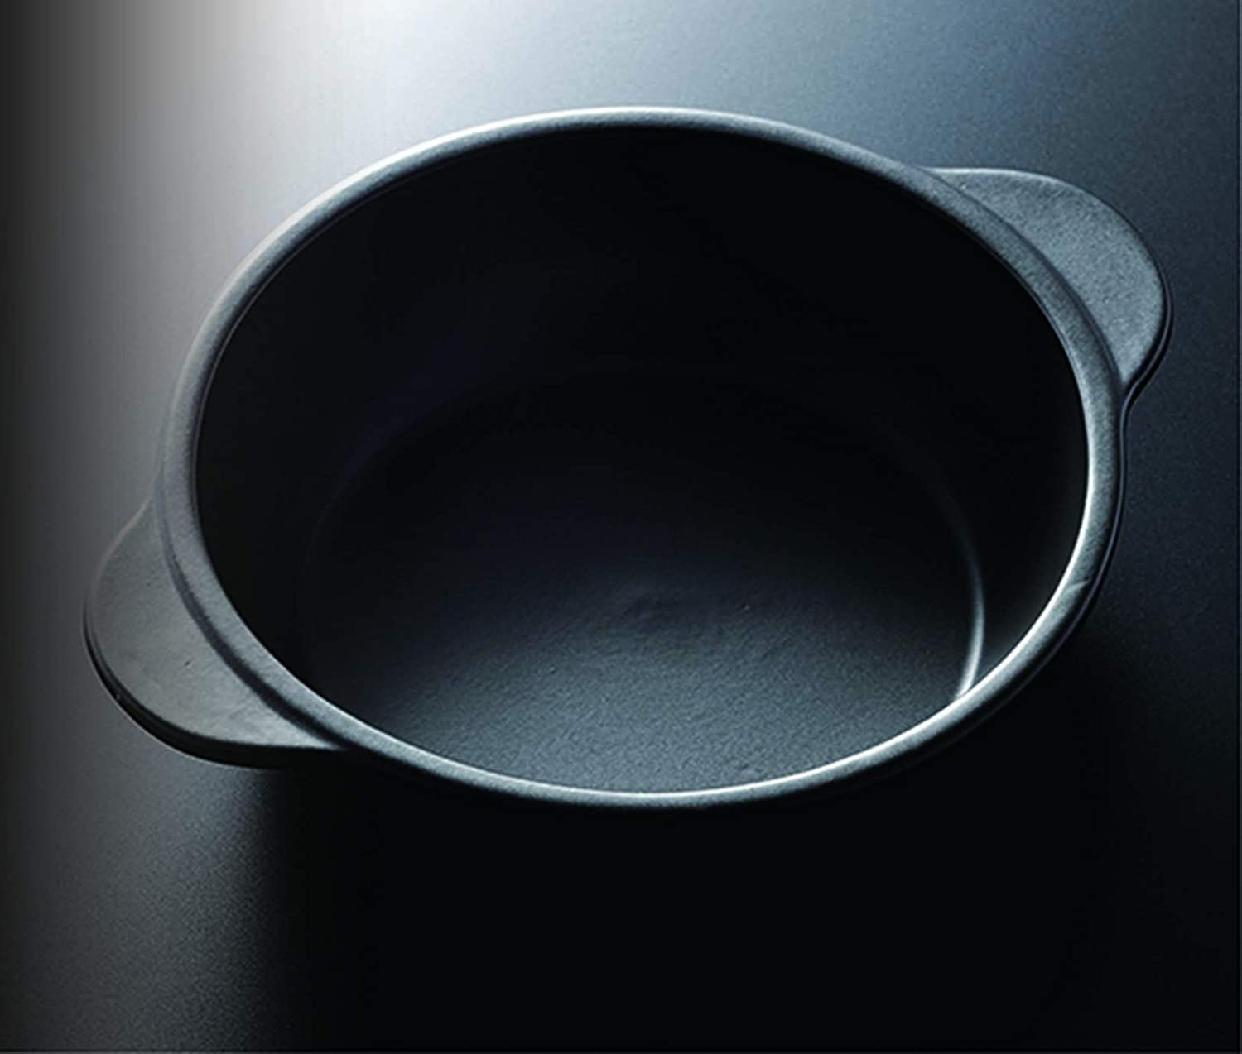 Graceramic(グレイスラミック)陶製深型両手スキレットパン 17cmの商品画像